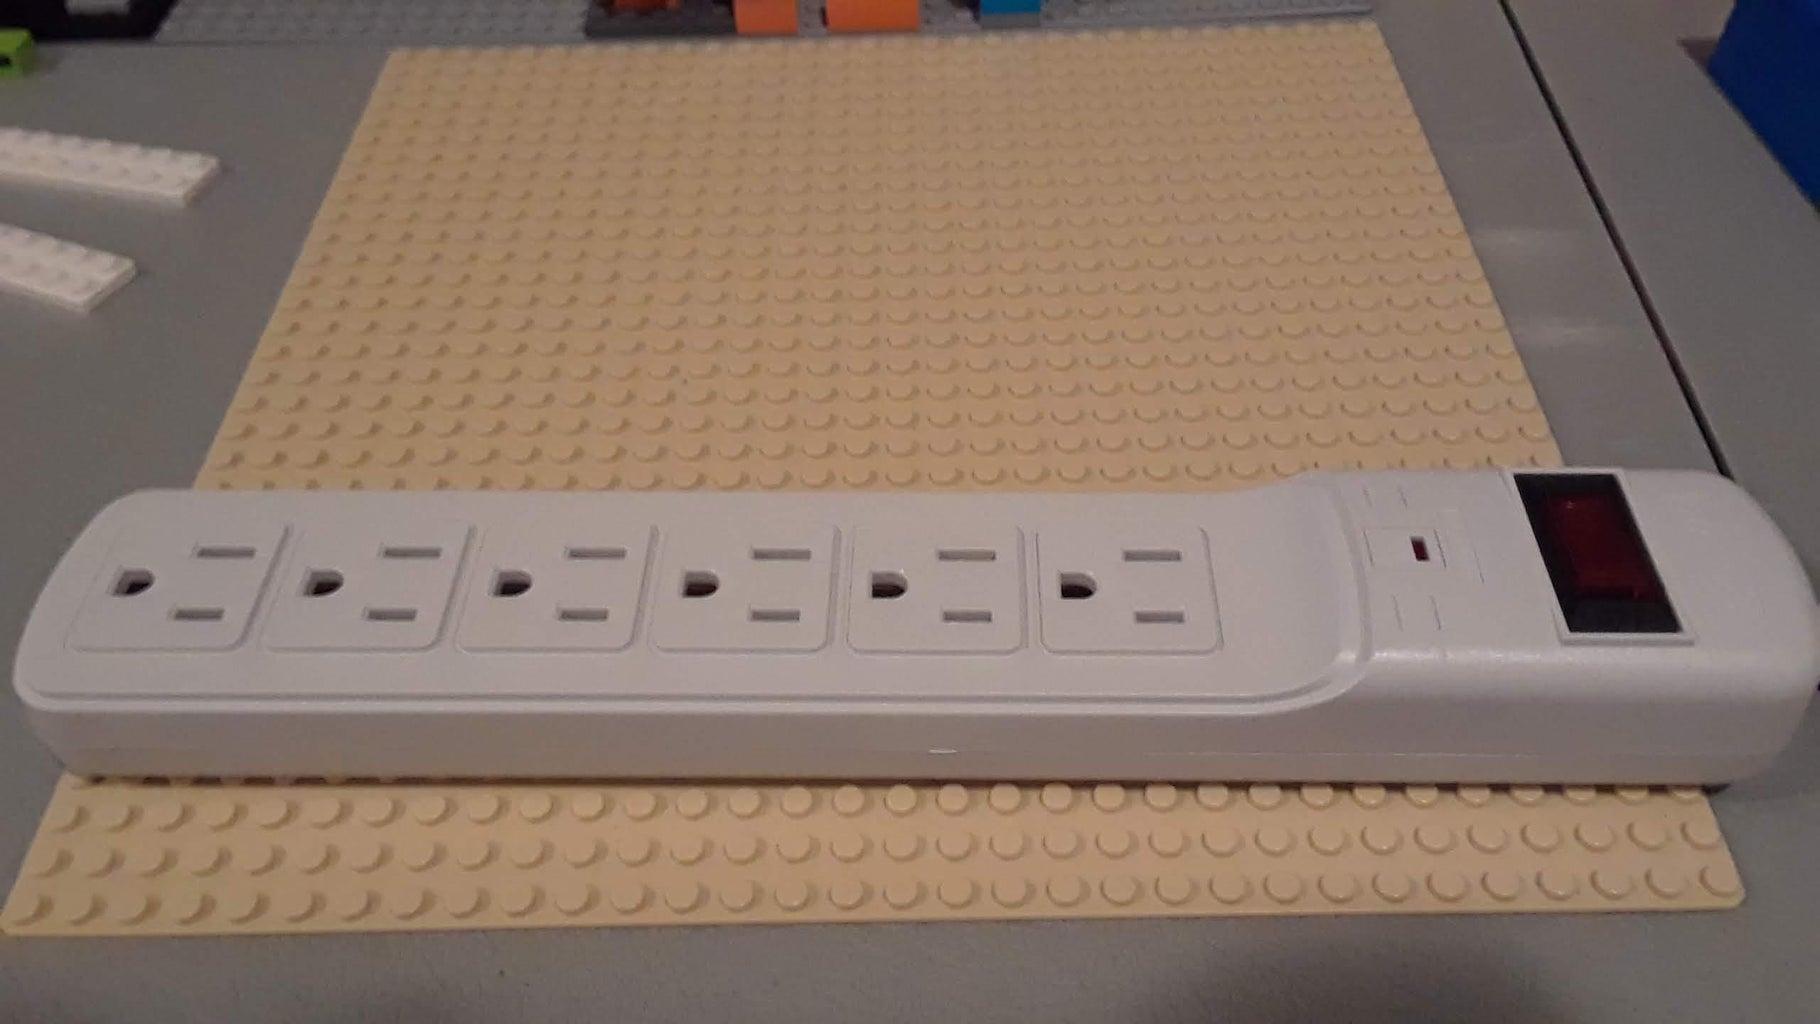 Part 1: Power Strip.